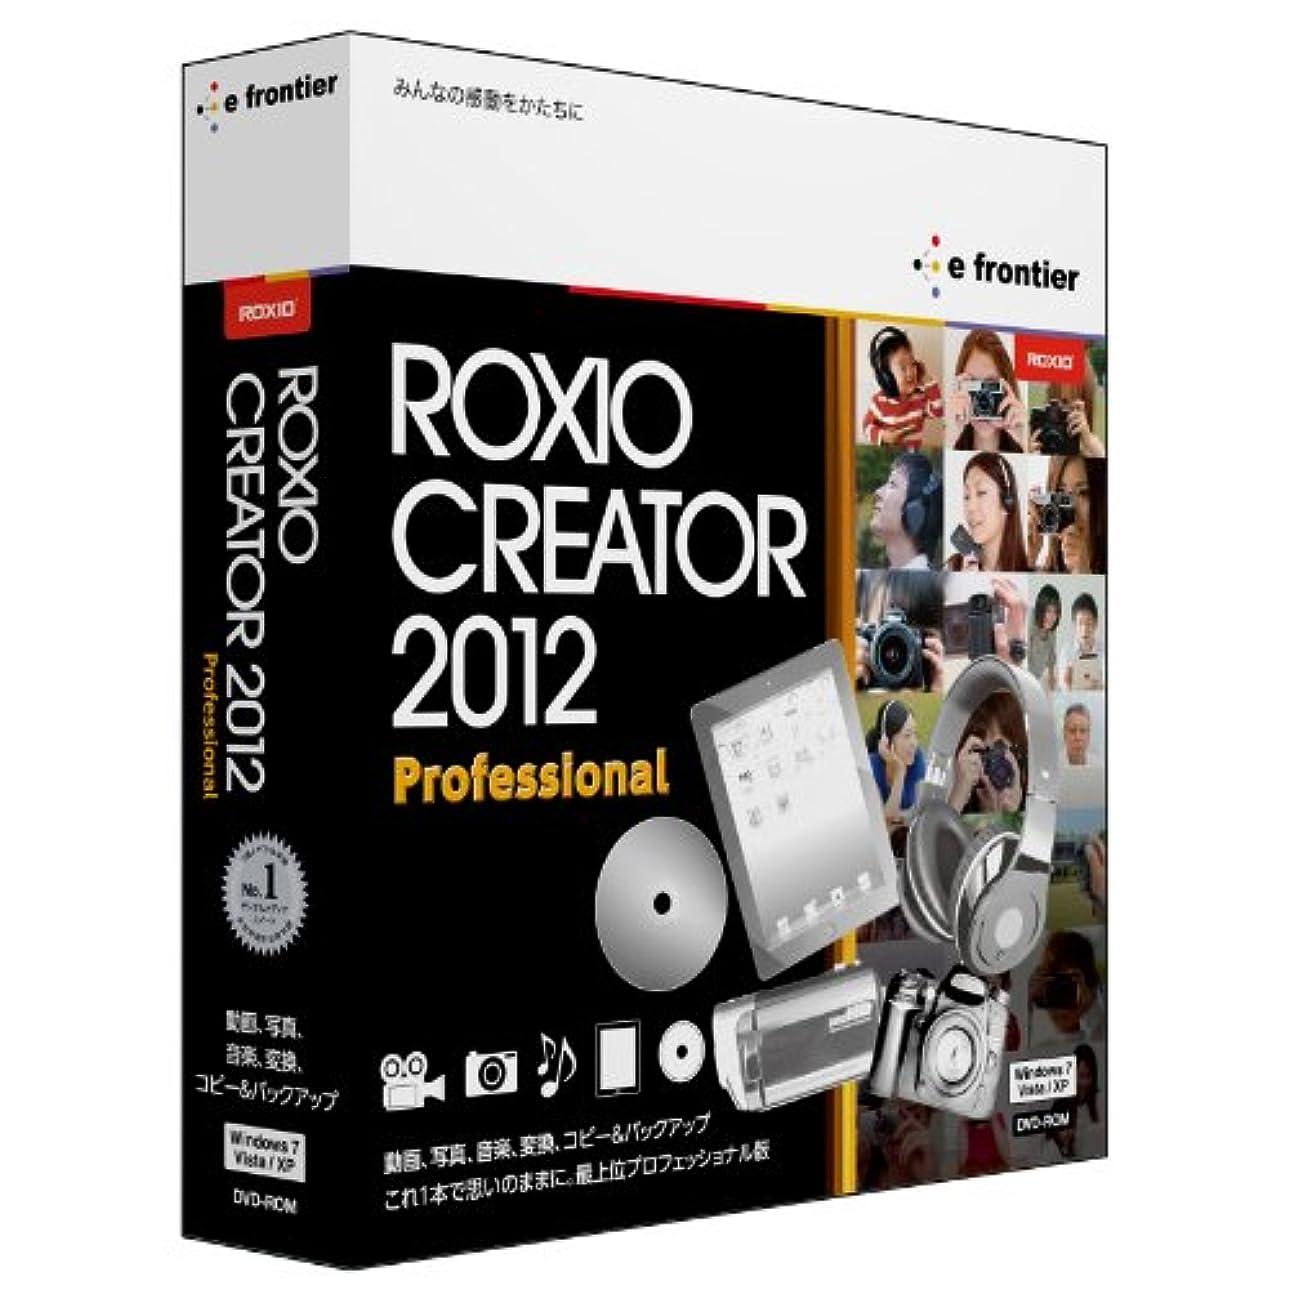 ギャラントリー花弁所属Roxio Creator 2012 Professional